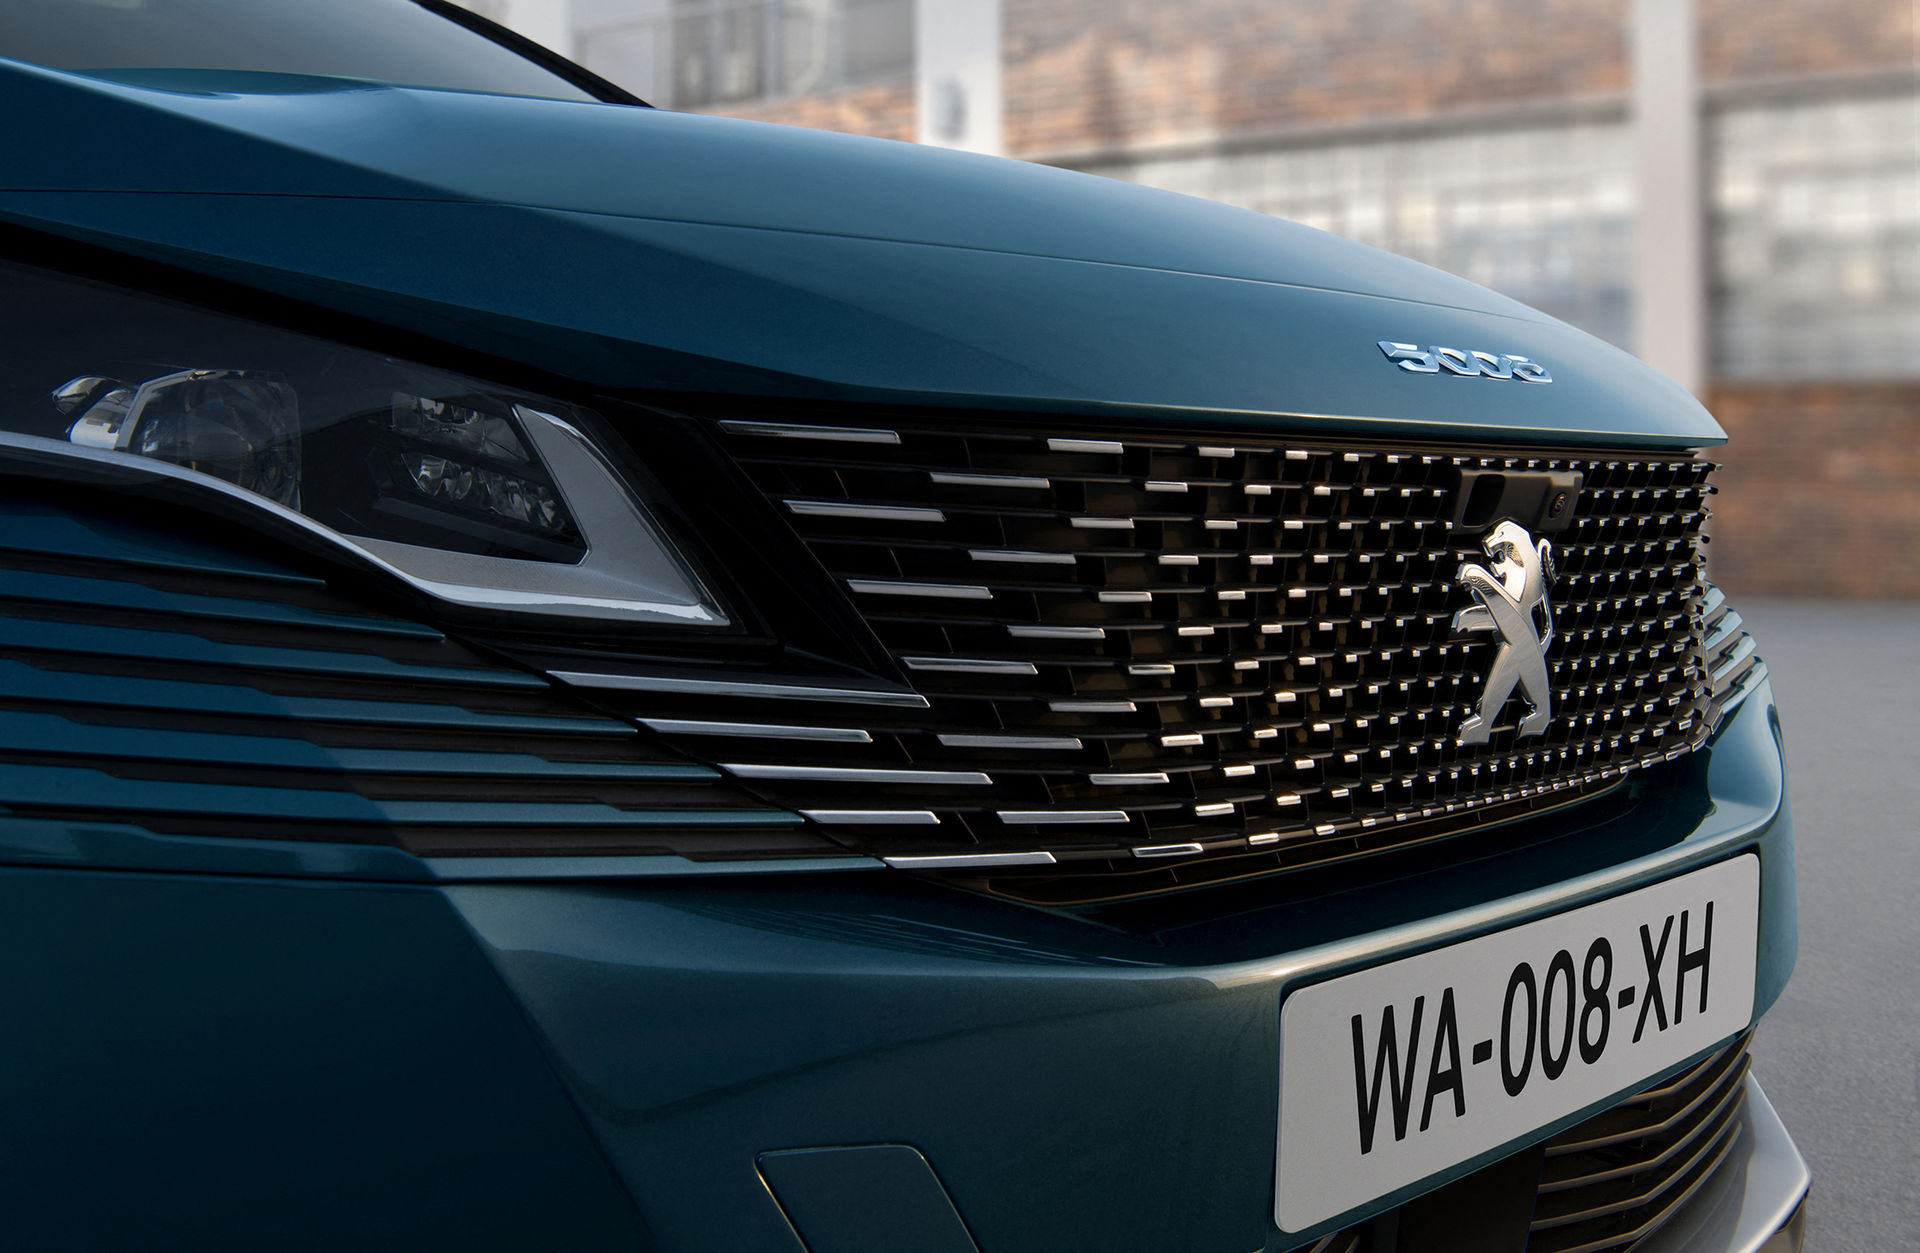 2021 Peugeot 5008, yenilenen yüzüyle karşınızda